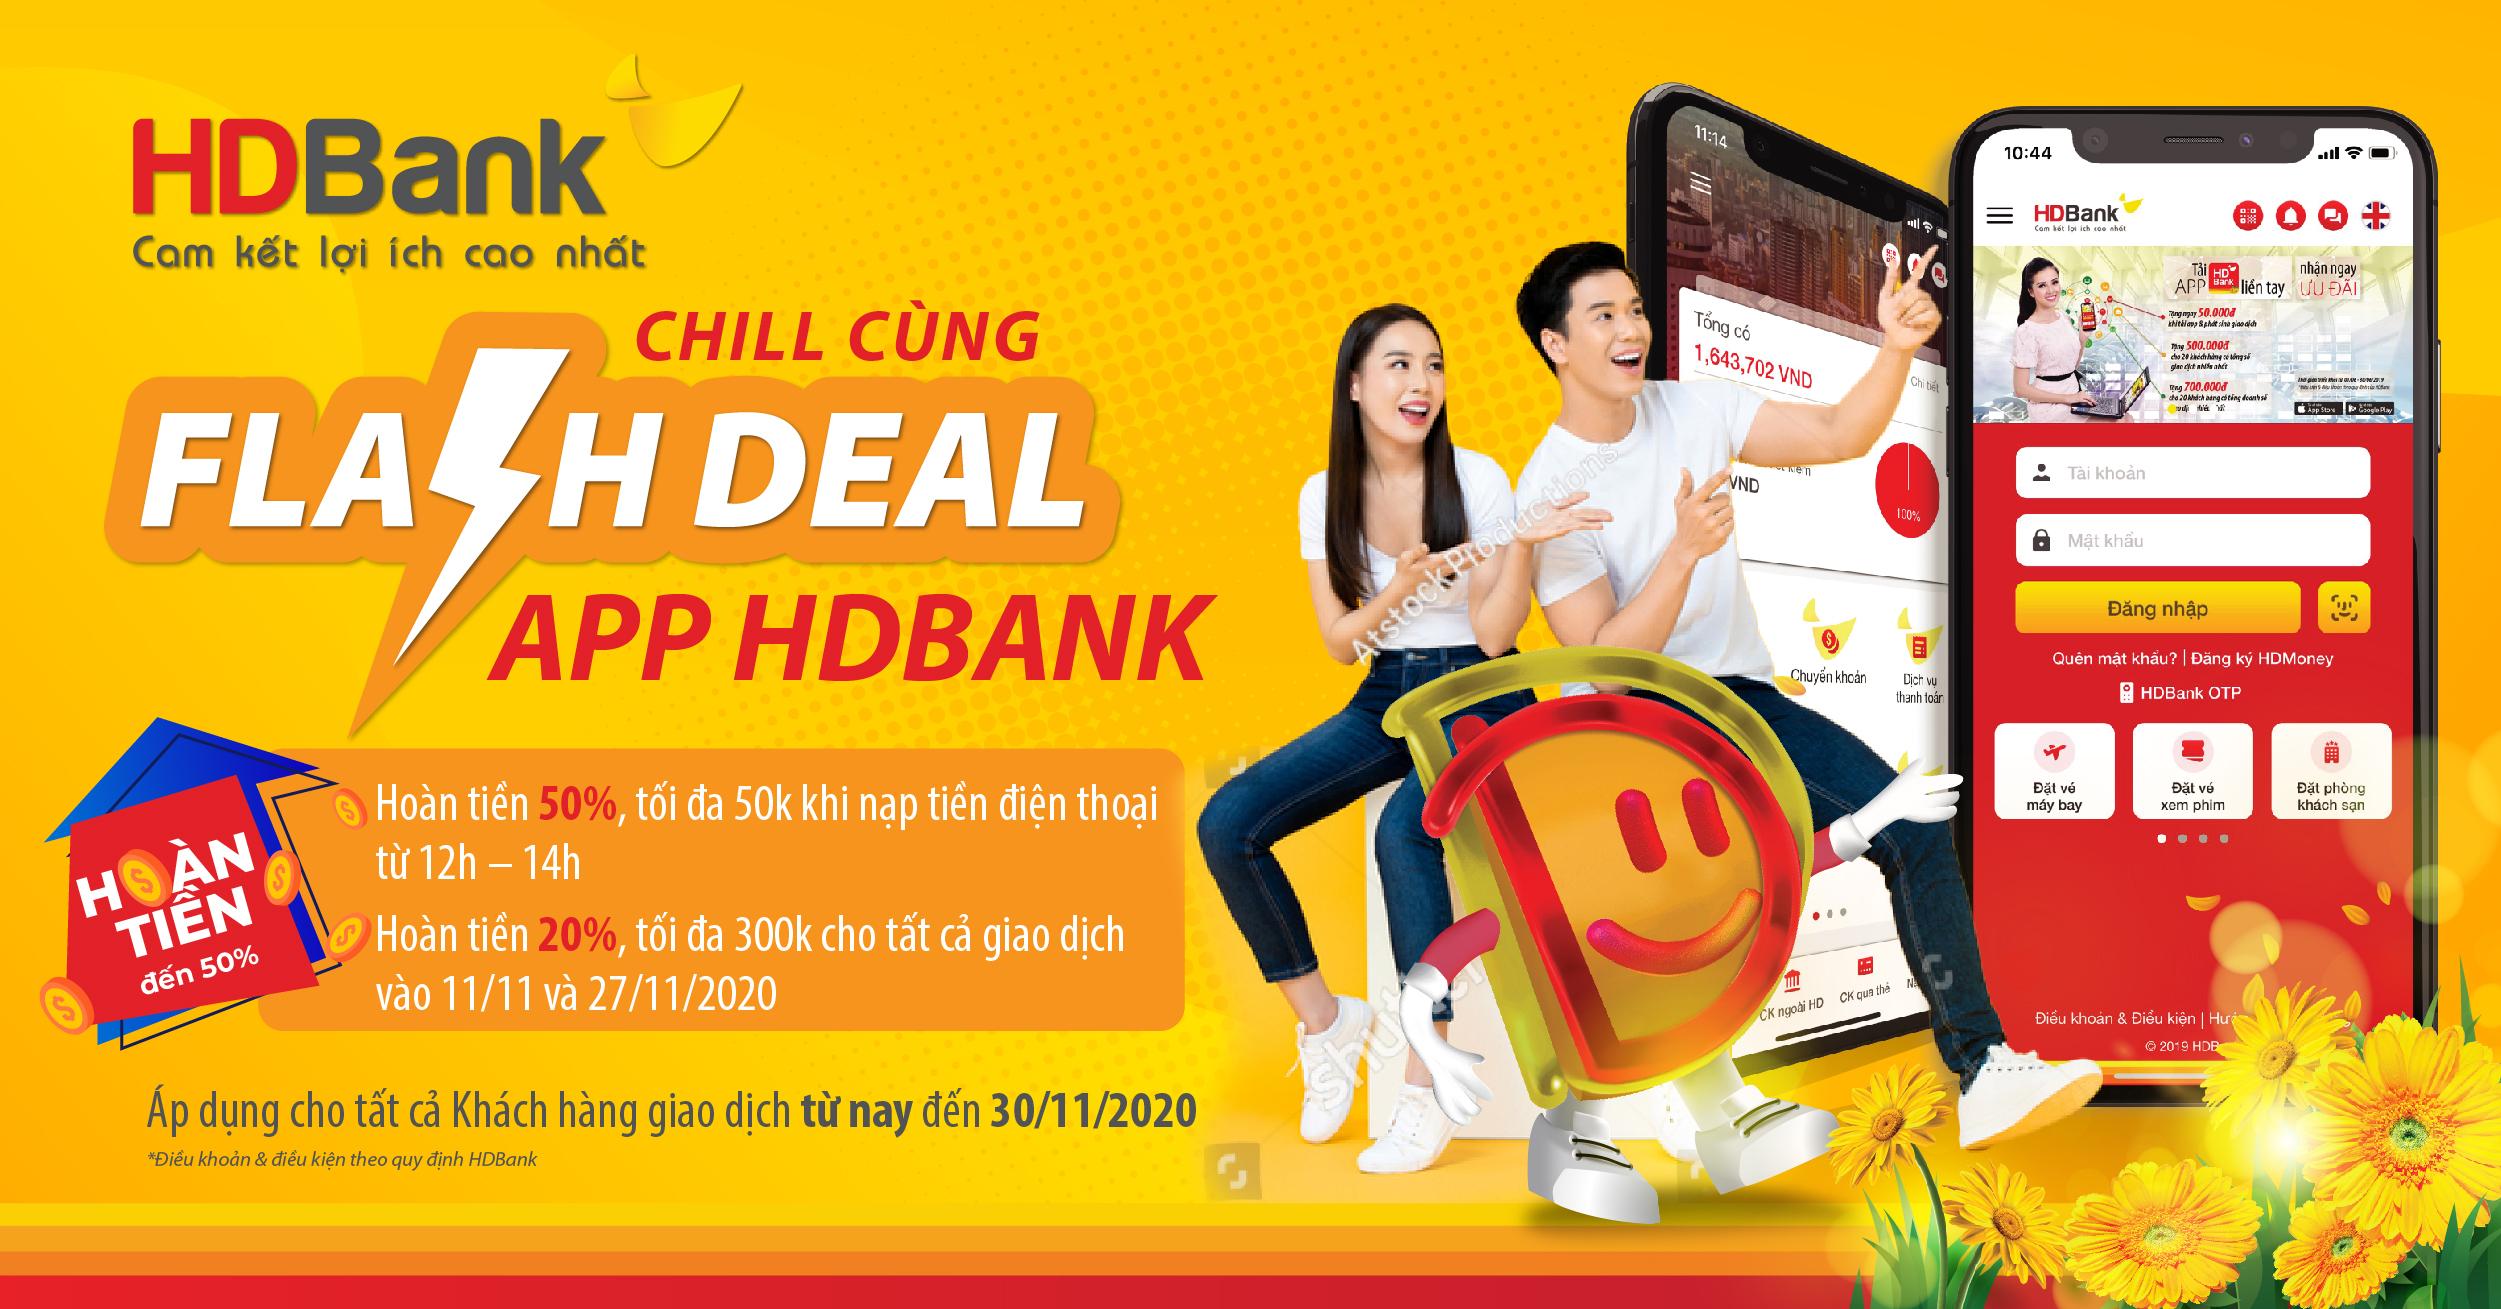 Hoàn đến 300.000 đồng khi giao dịch cùng App HDBank - Ảnh 1.